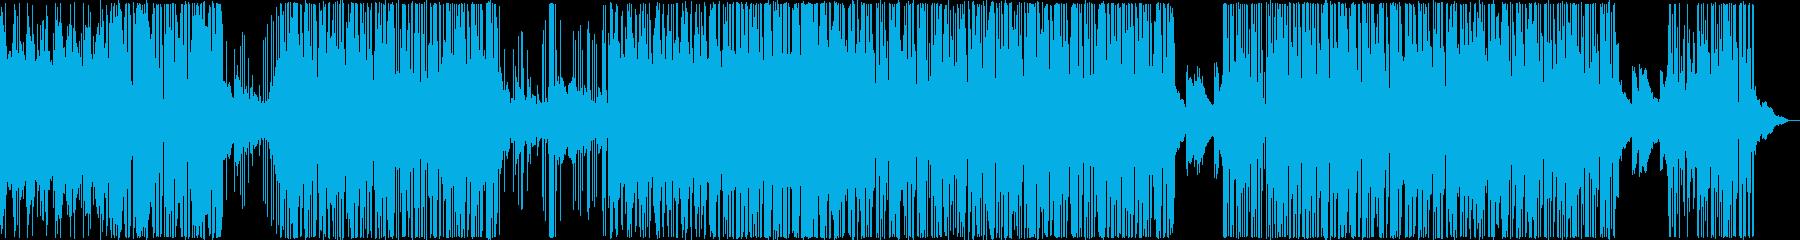 壮大なBGMですの再生済みの波形